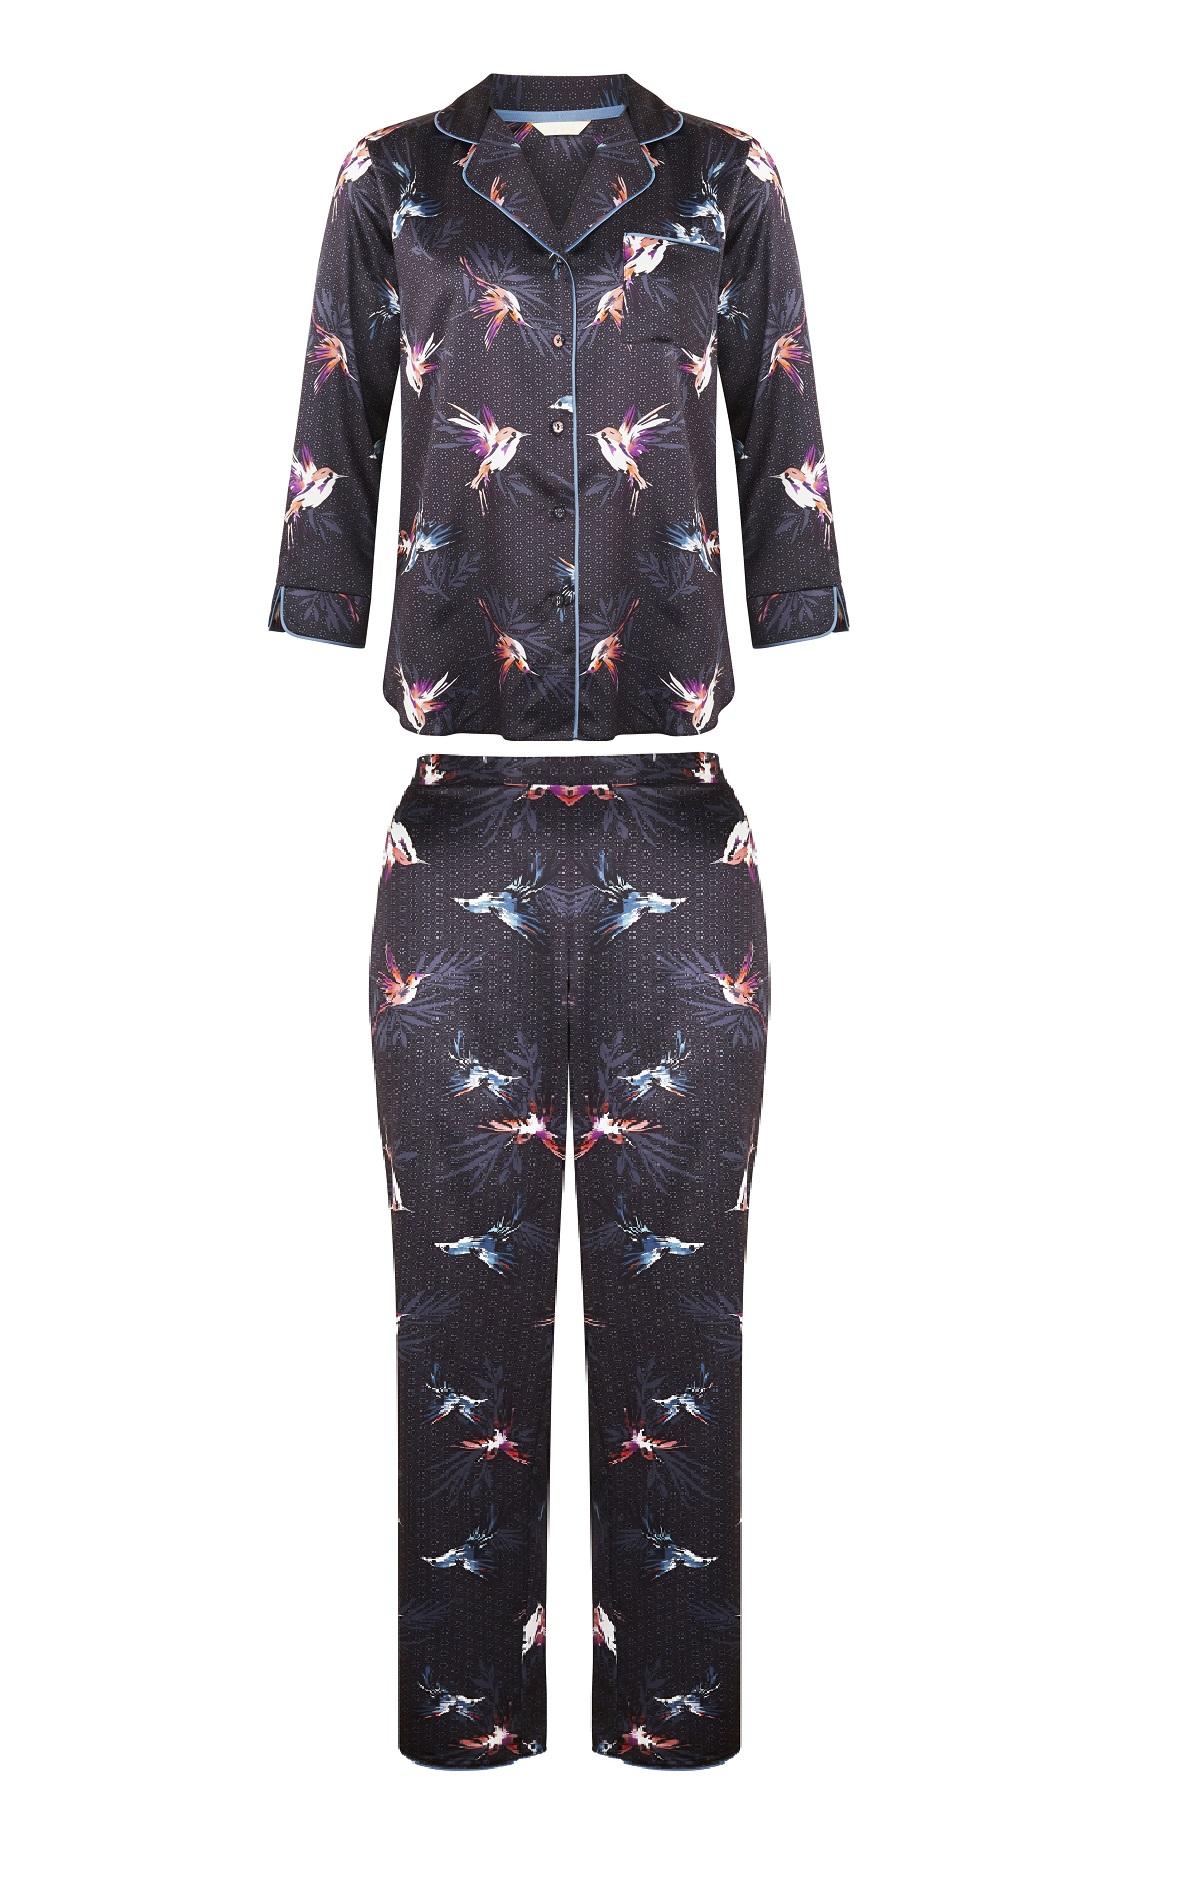 M&S pyjamas